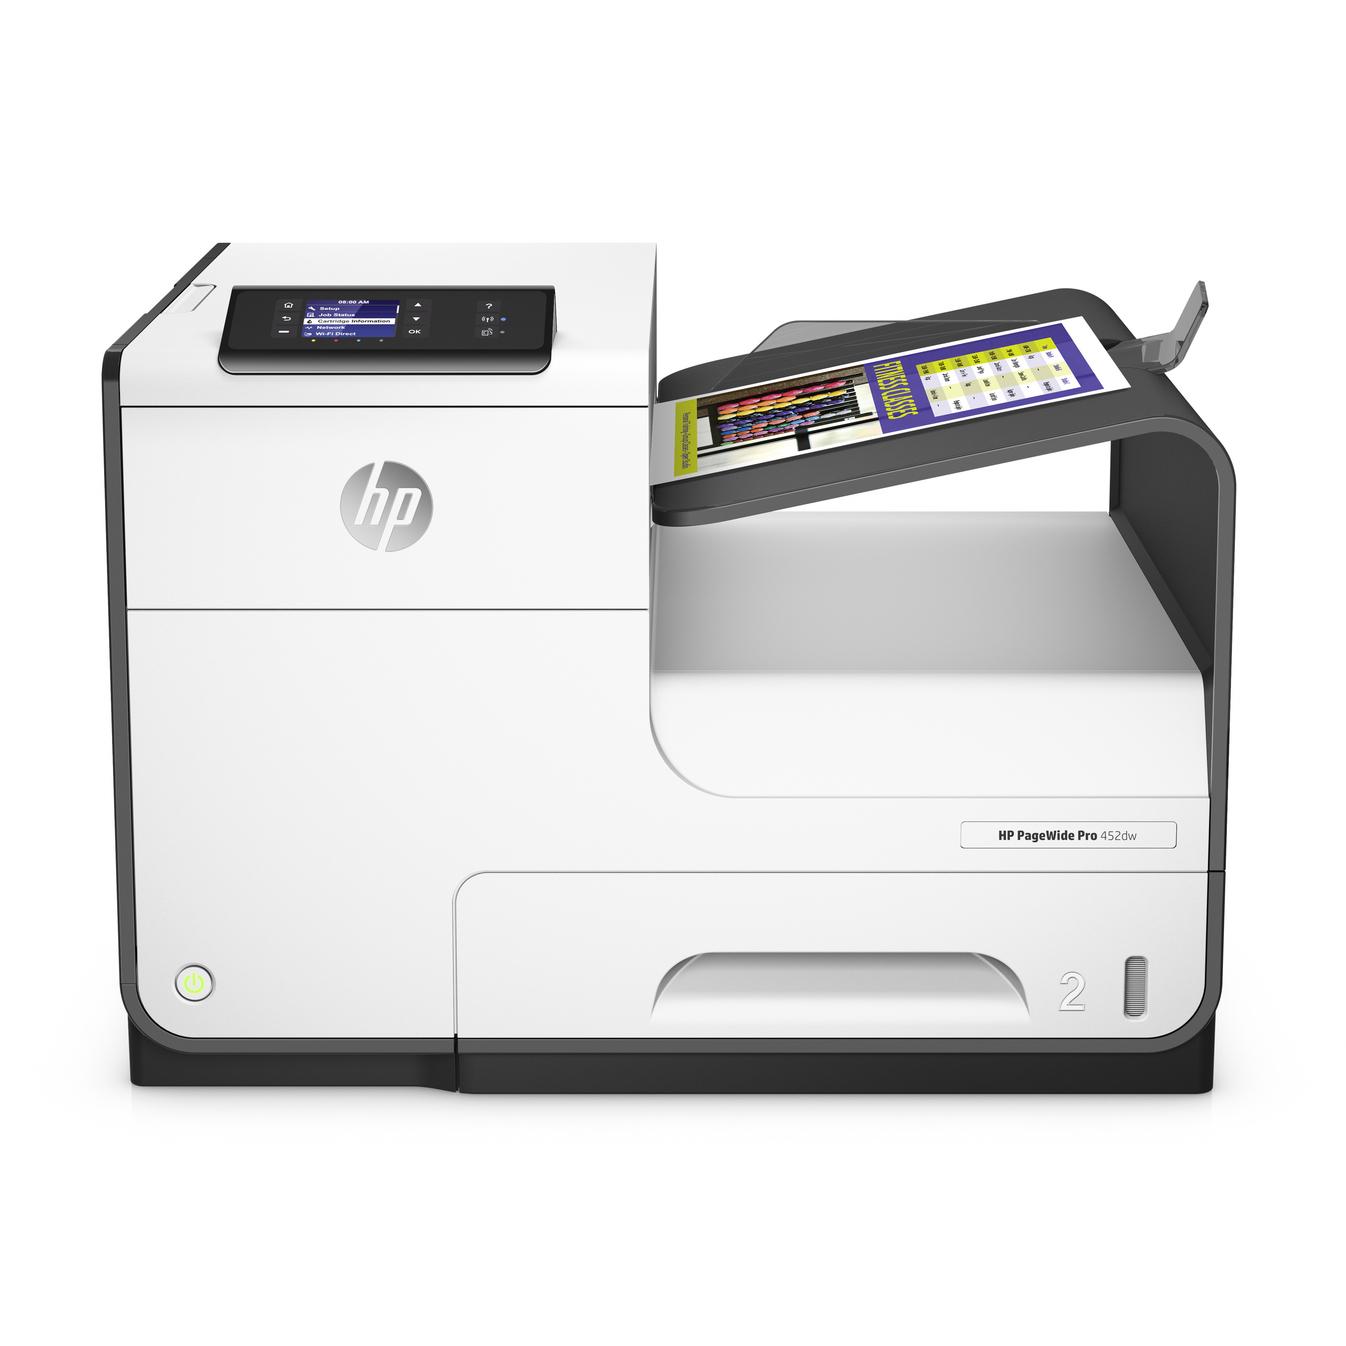 Новые Технологии Офисной печати от HP